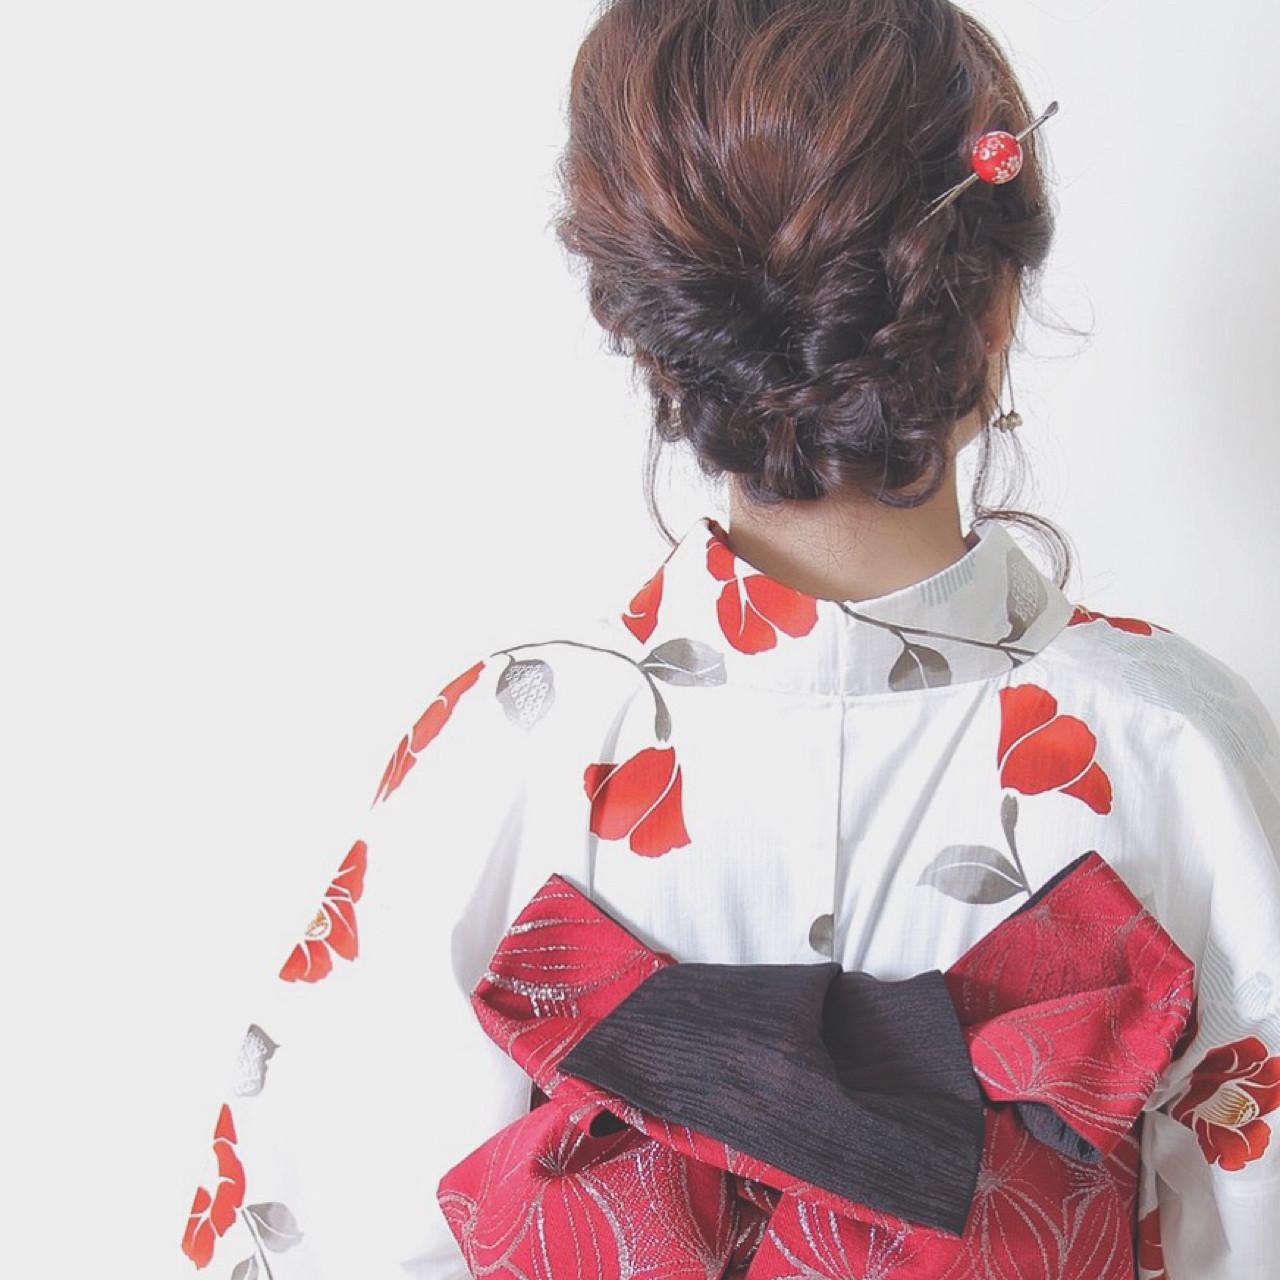 ヘアアレンジ 花火大会 夏 お祭りヘアスタイルや髪型の写真・画像